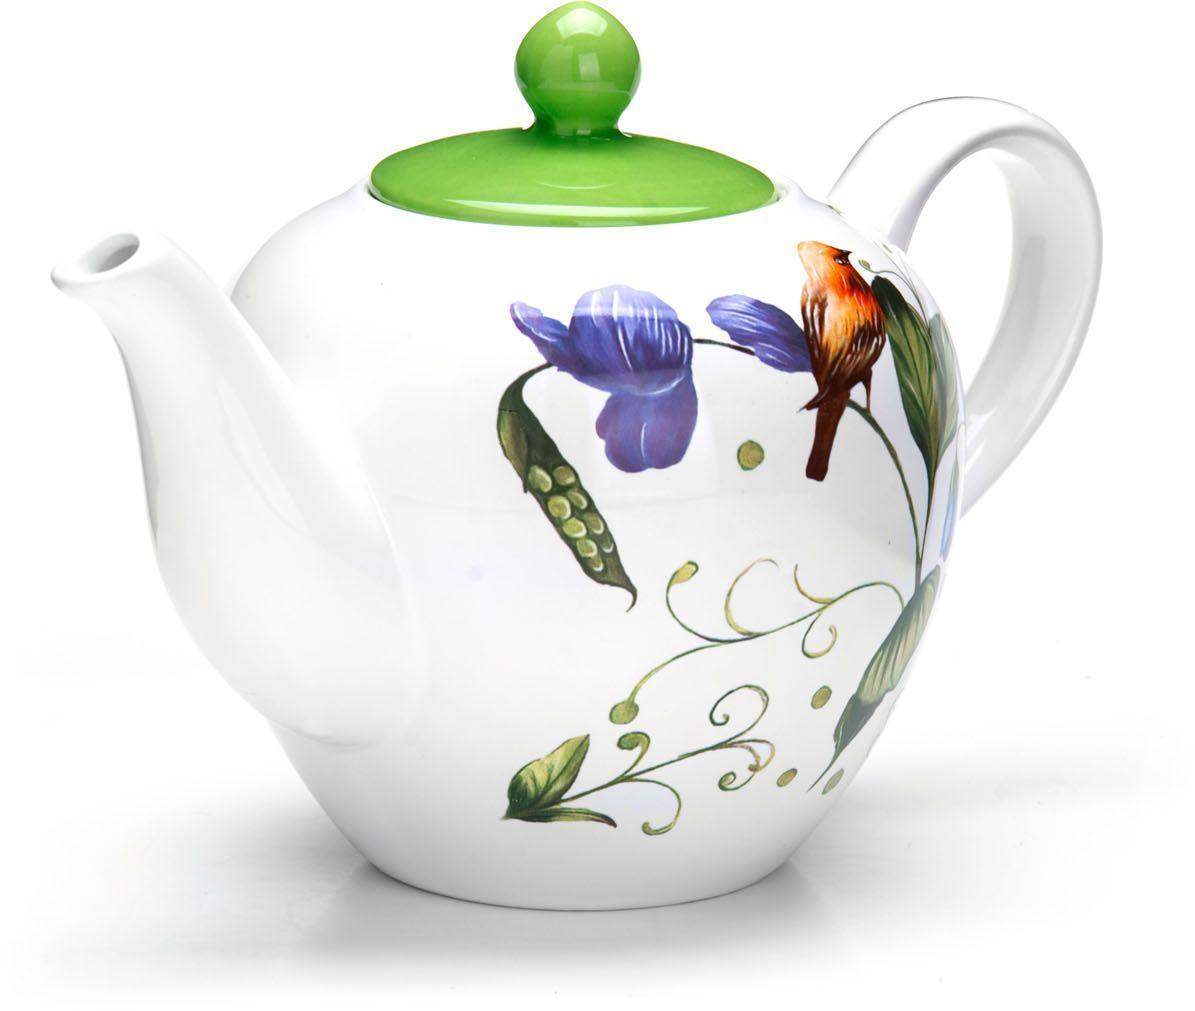 Заварочный чайник Loraine Птичка, 1,2 л26608Заварочный чайник с крышкой Loraine поможет вам в приготовлении вкусного и ароматного чая, а также станет украшением вашей кухни. Он изготовлен из доломитовой керамики и оформлен красочным изображением. Нежный рисунок придает чайнику особый шарм, чайник удобен в использовании и понравится каждому.Такой заварочный чайник станет приятным и практичным подарком на любой праздник.Подходит для мытья в посудомоечной машине.